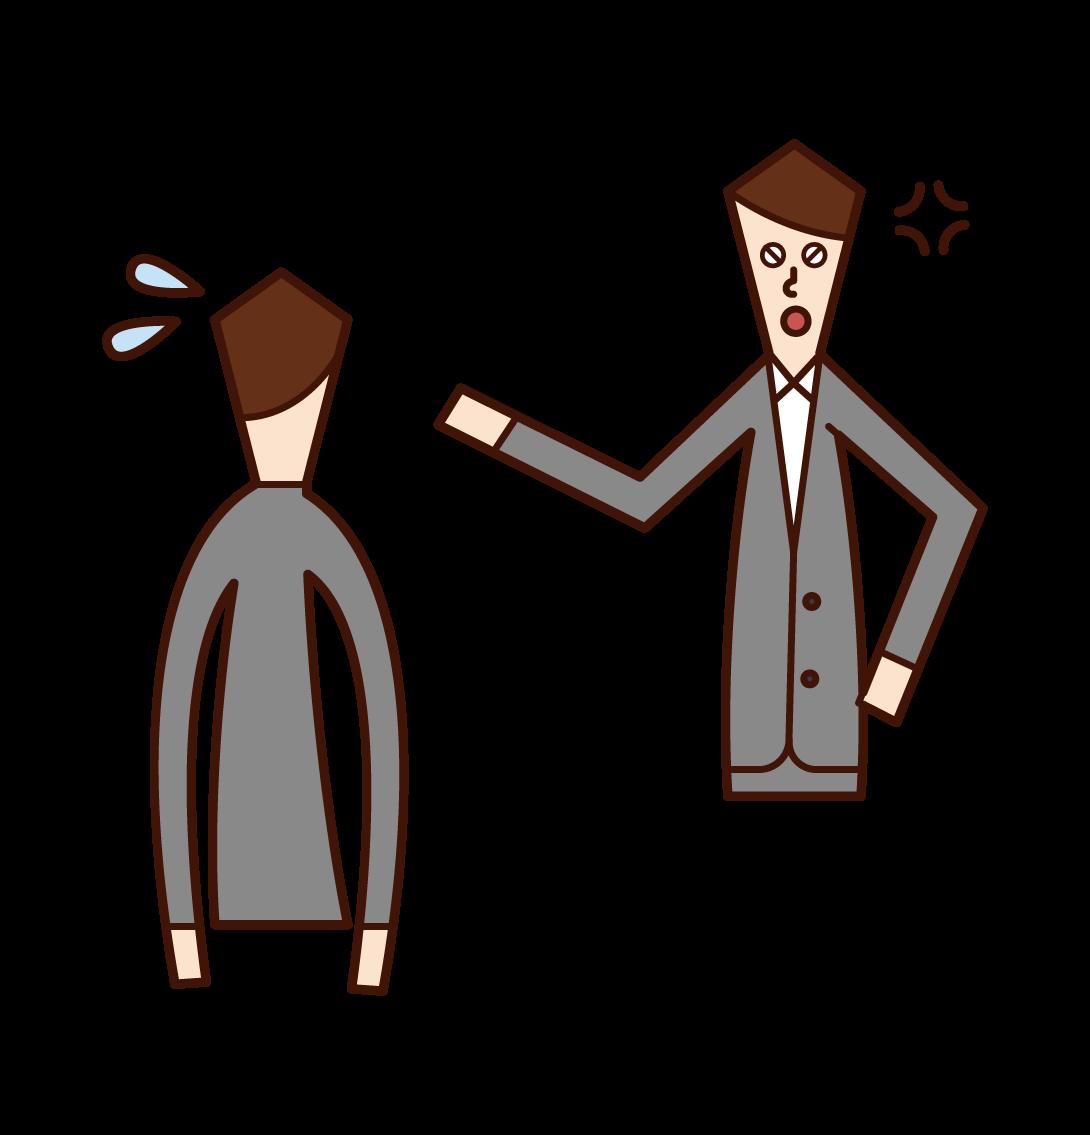 部下を叱責する上司(男性)のイラスト